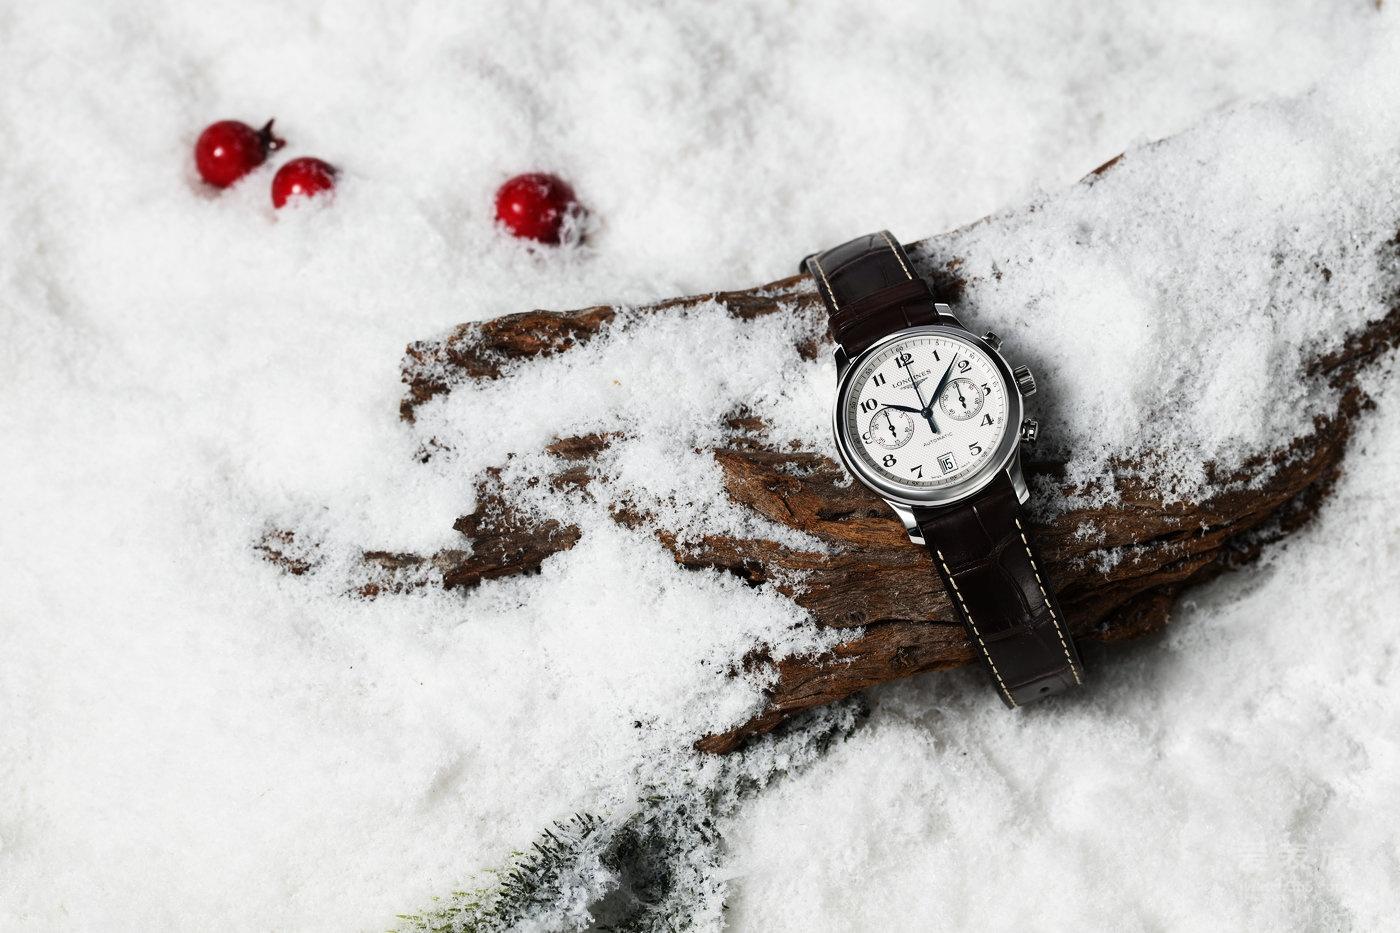 圣诞甄选,赠予爱与时光 浪琴表优雅时计定格浓情瞬间